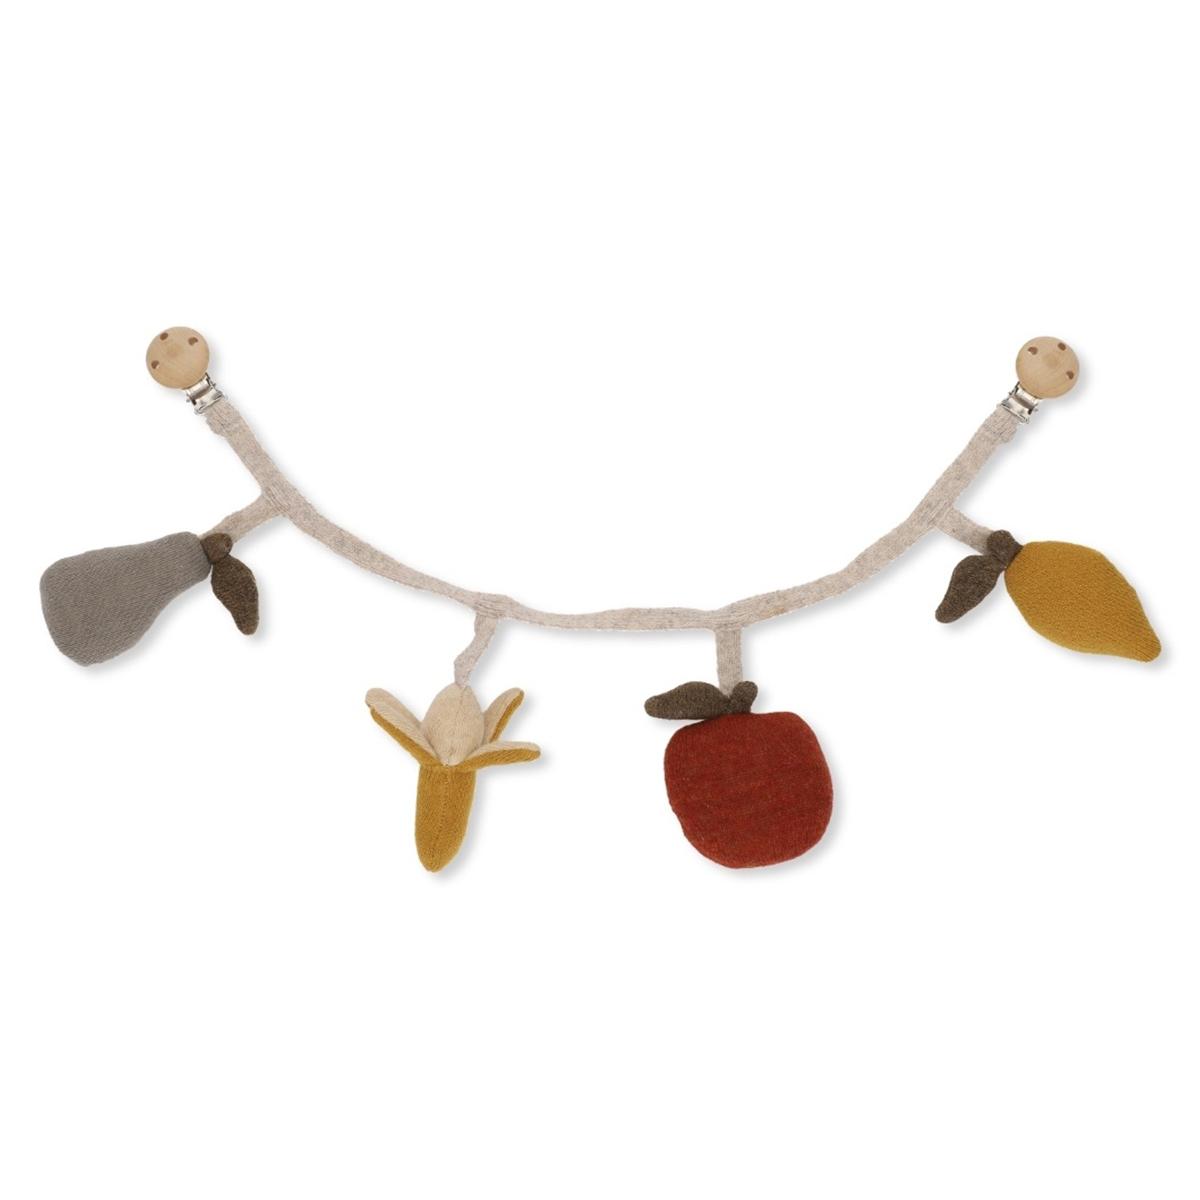 Konges Sløjd Chaîne de Poussette Fruits - Accessoires poussette